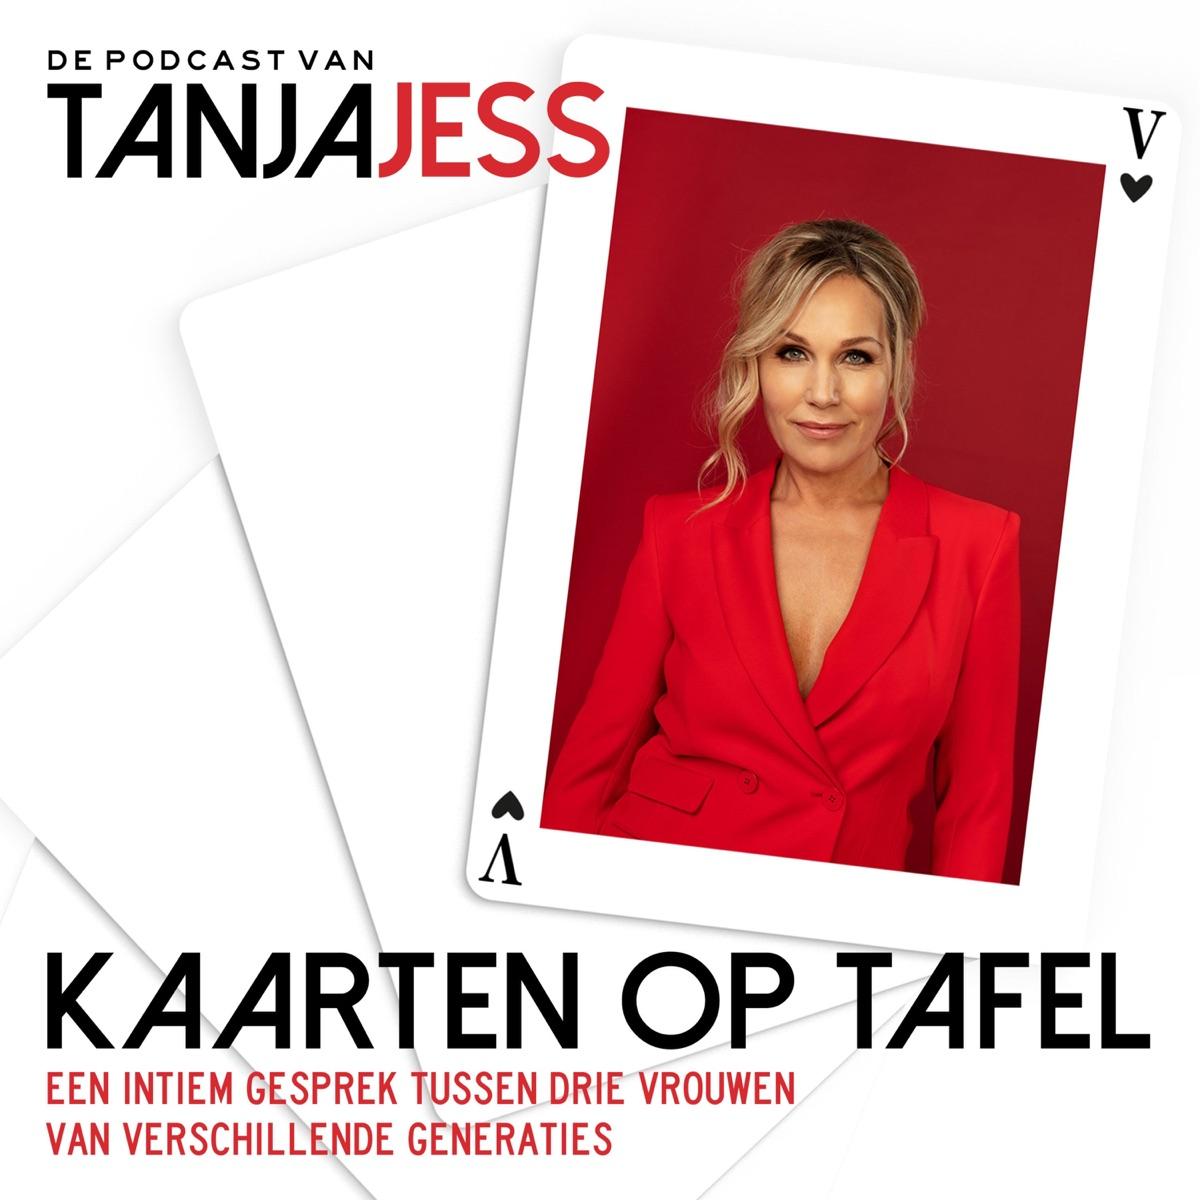 Kaarten op Tafel - De Podcast van Tanja Jess